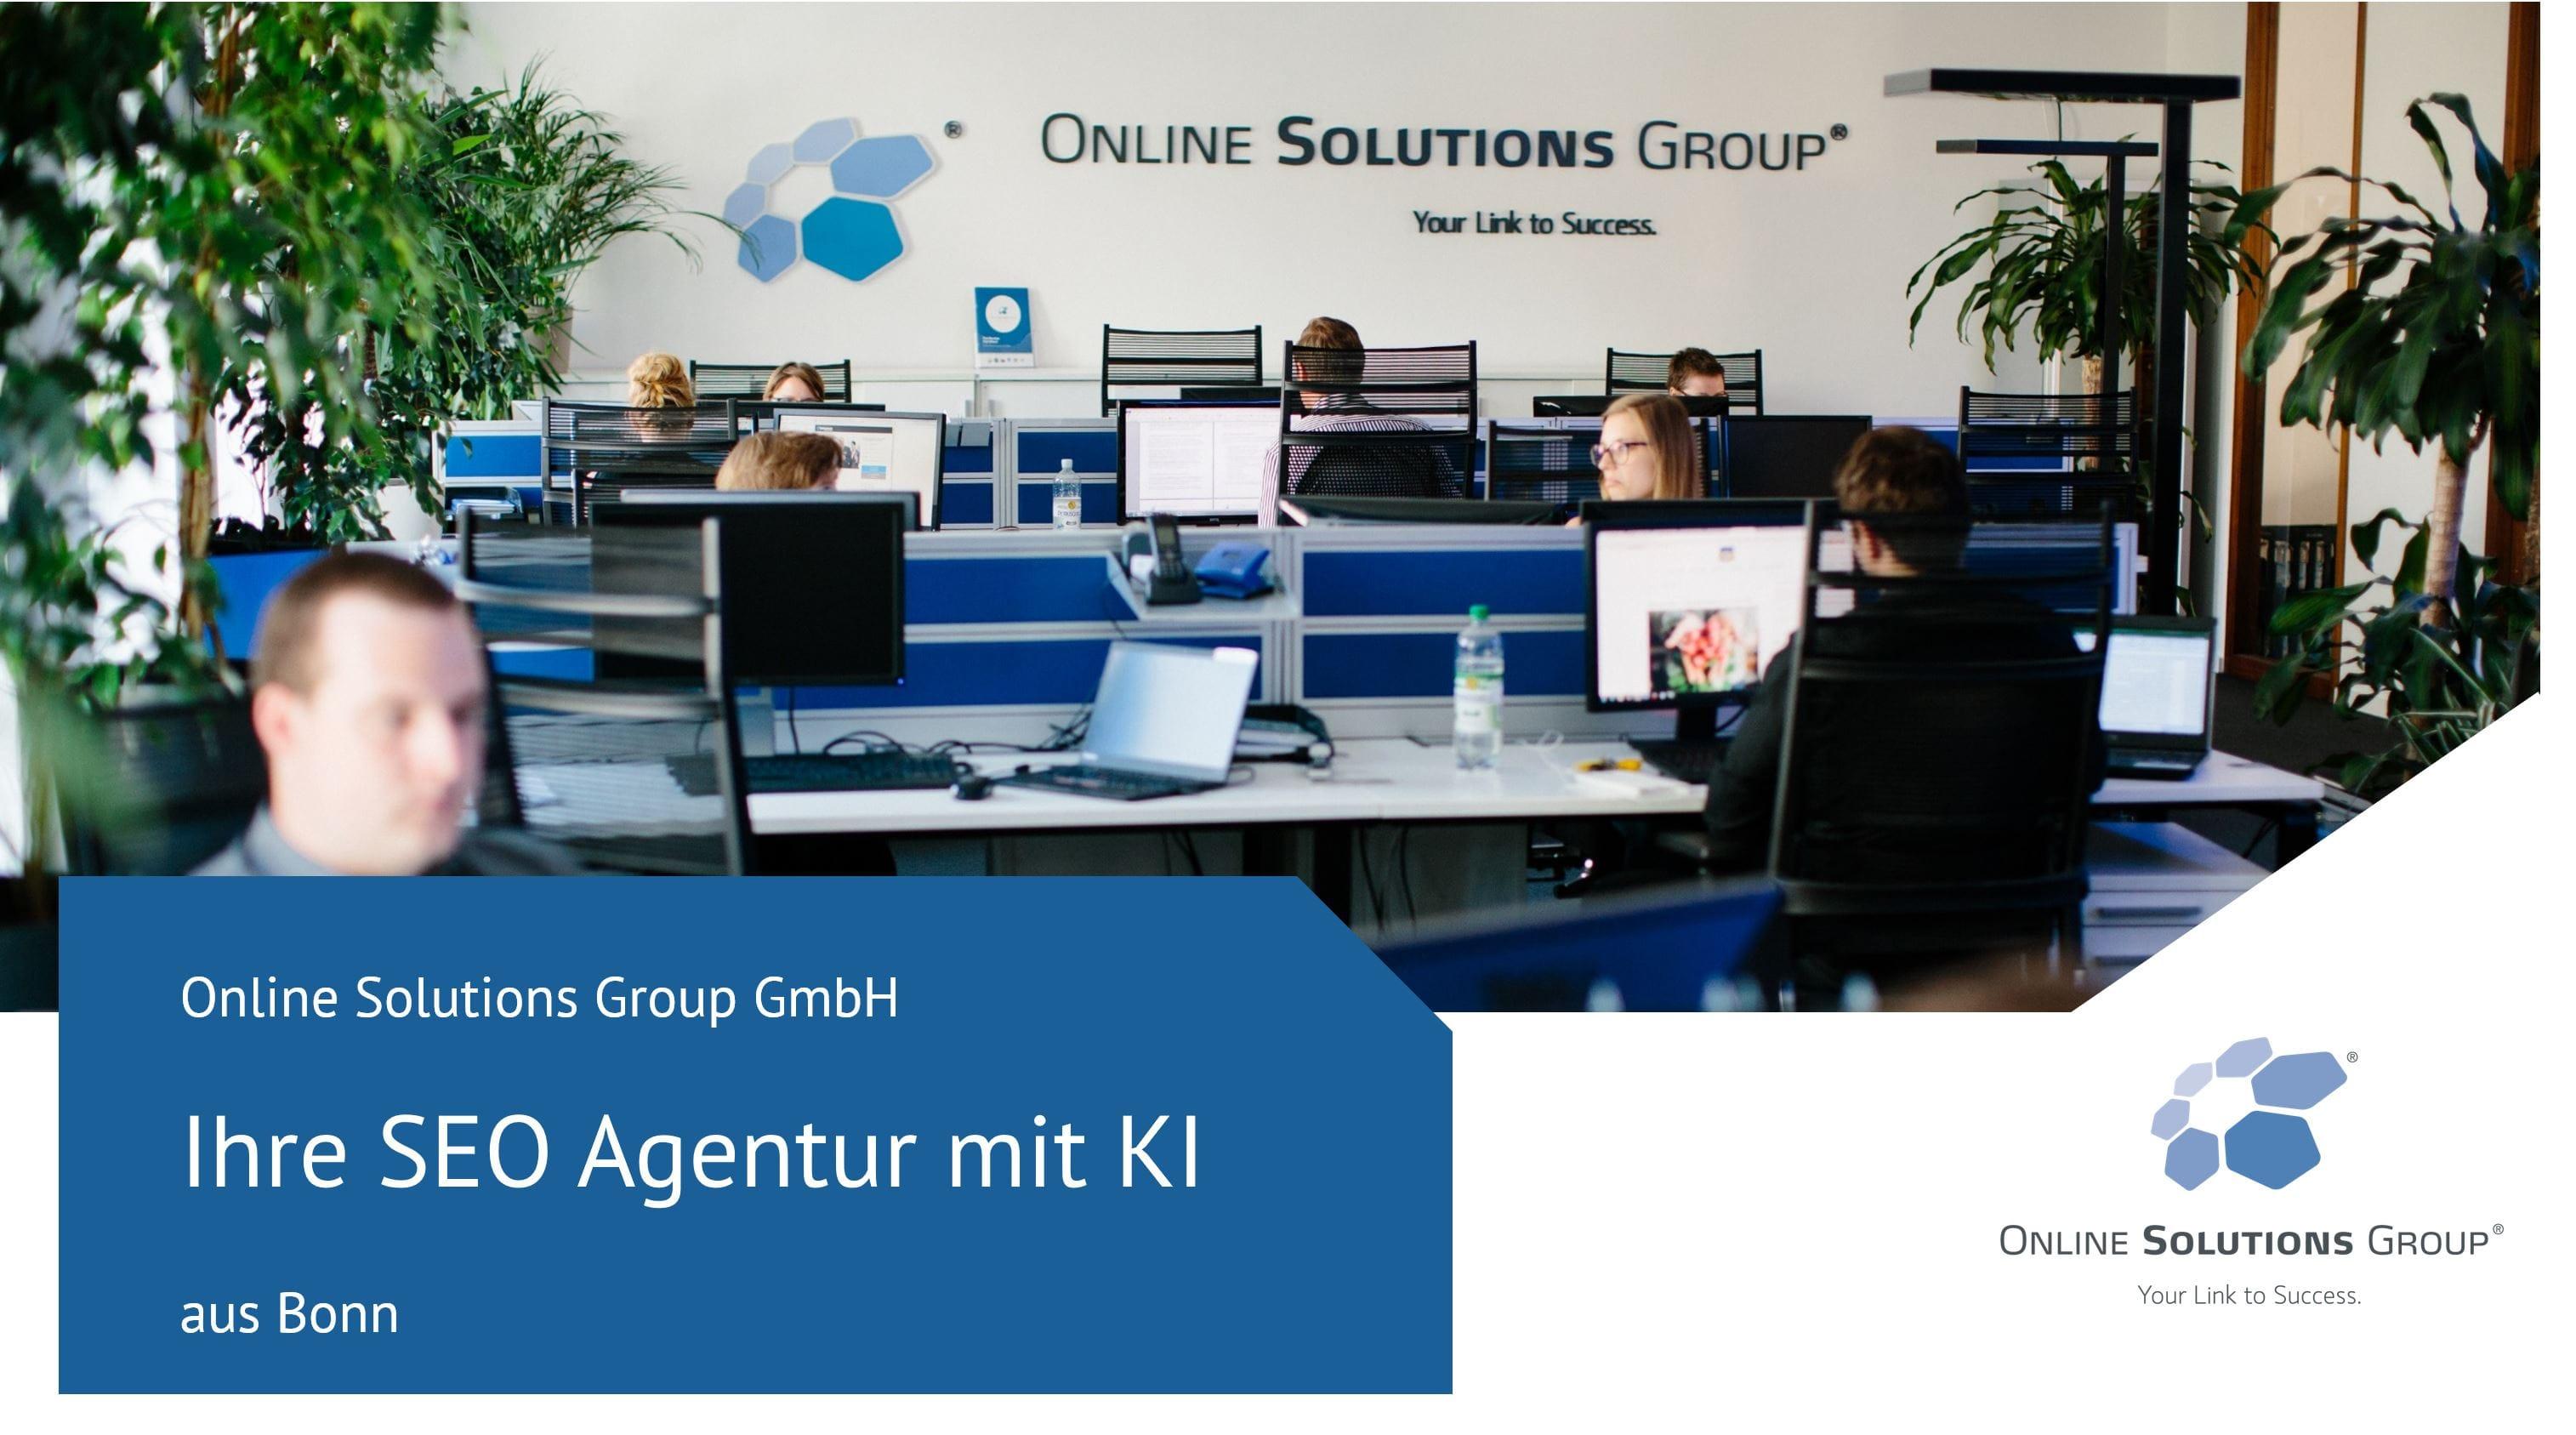 Ihre SEO Agentur mit KI Bonn